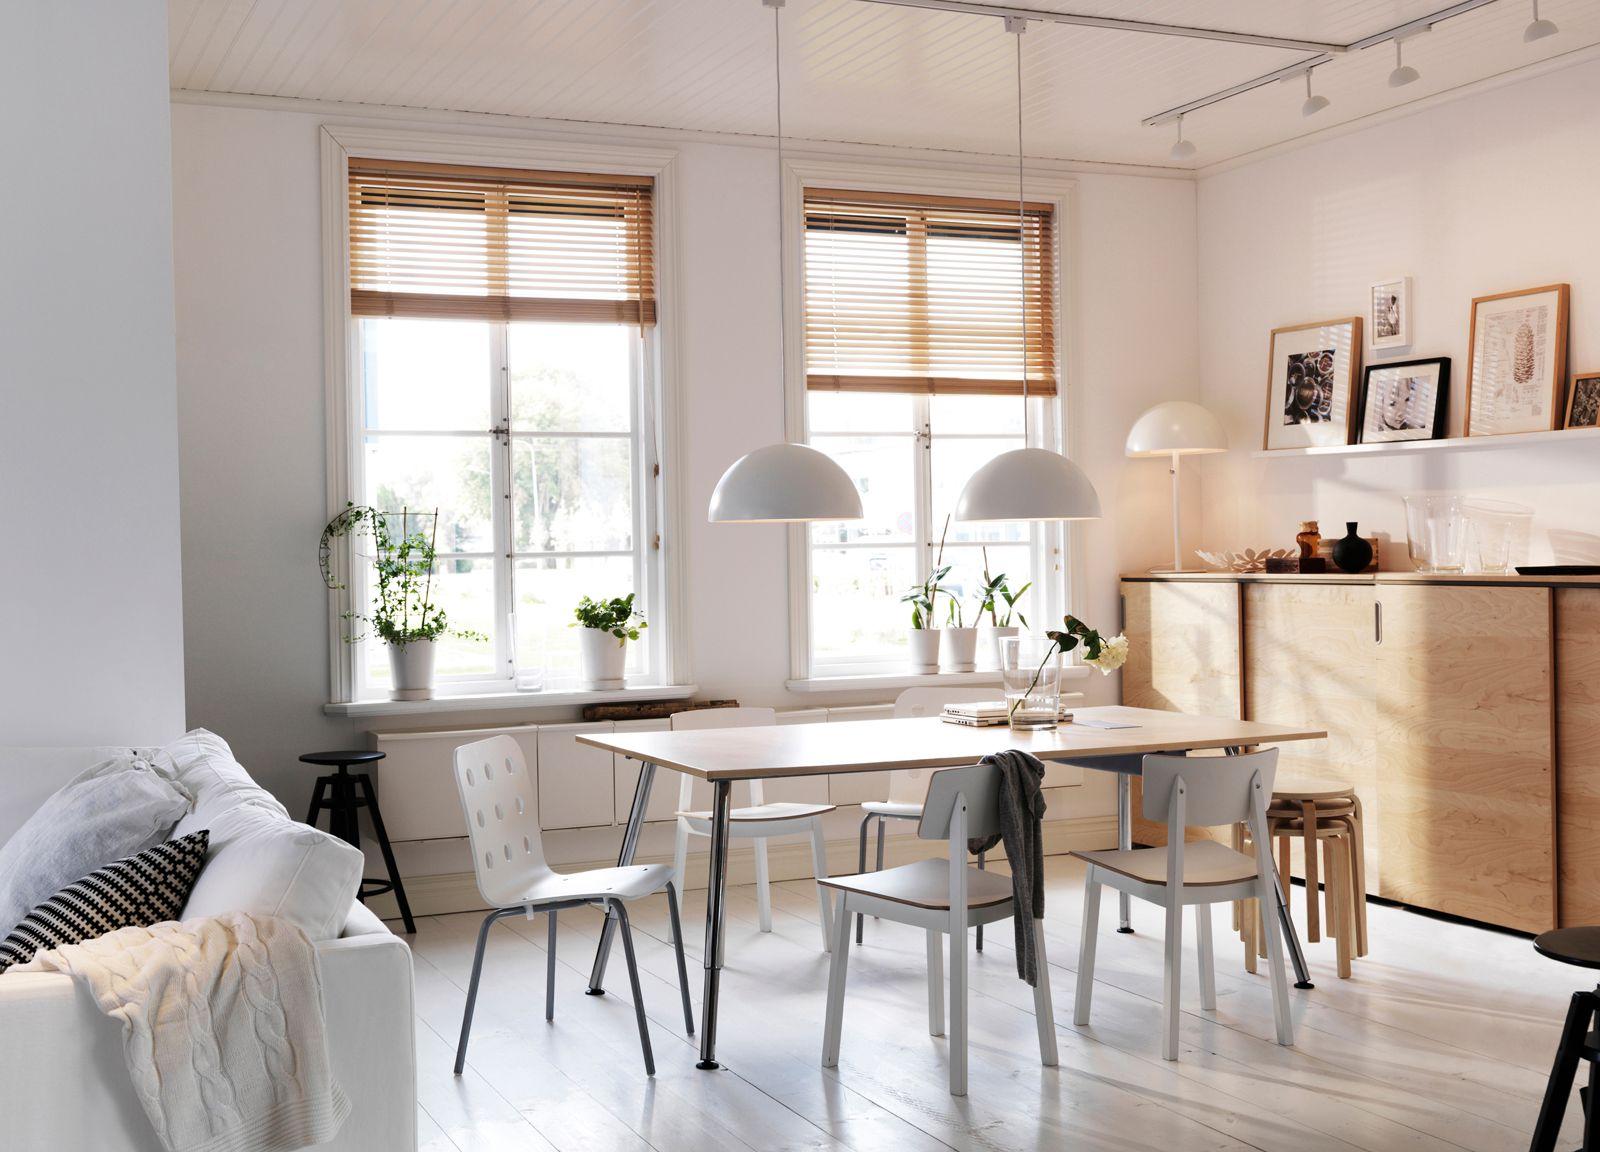 Tende veneziane di legno mood board home nel 2018 pinterest ikea home office e home for Veneziane in legno ikea